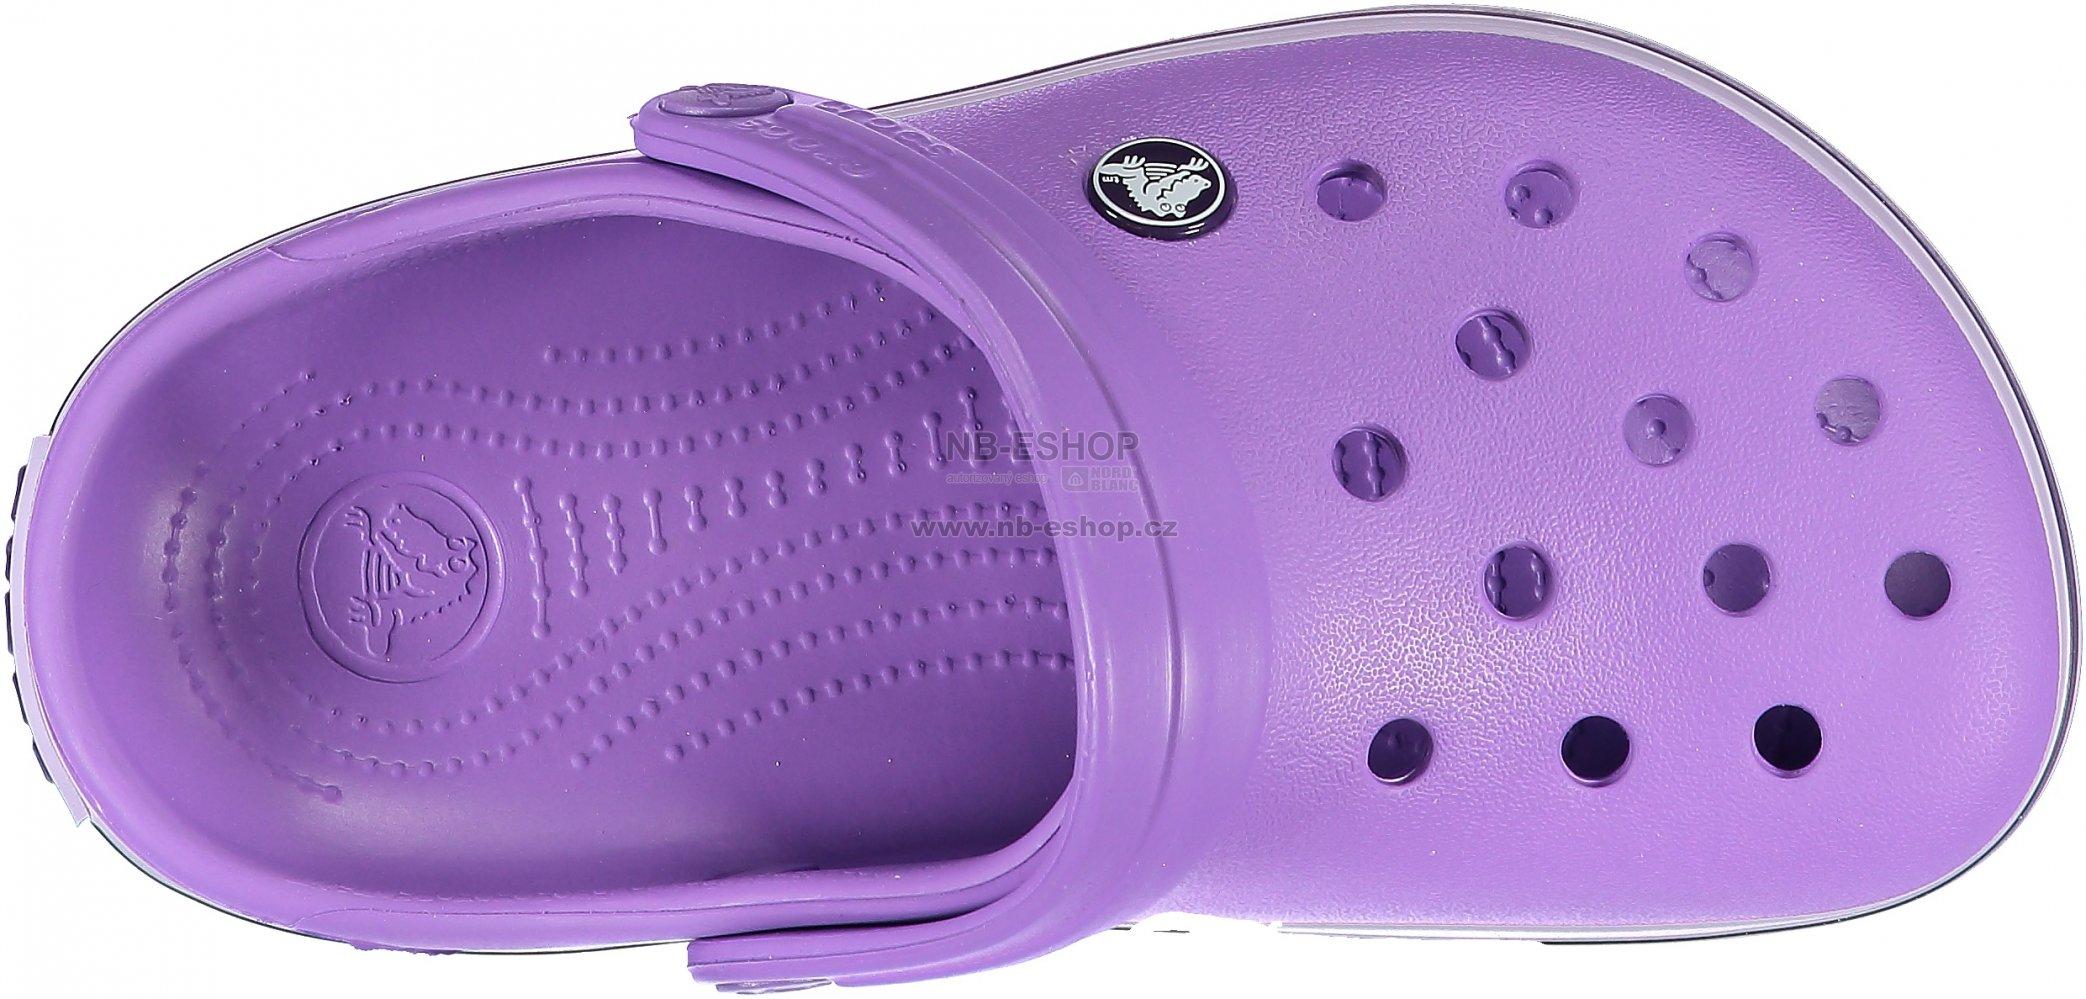 Dětské pantofle CROCS KIDS CROCBAND 204537-510 PURPLE velikost  29 ... 8acd336ff6